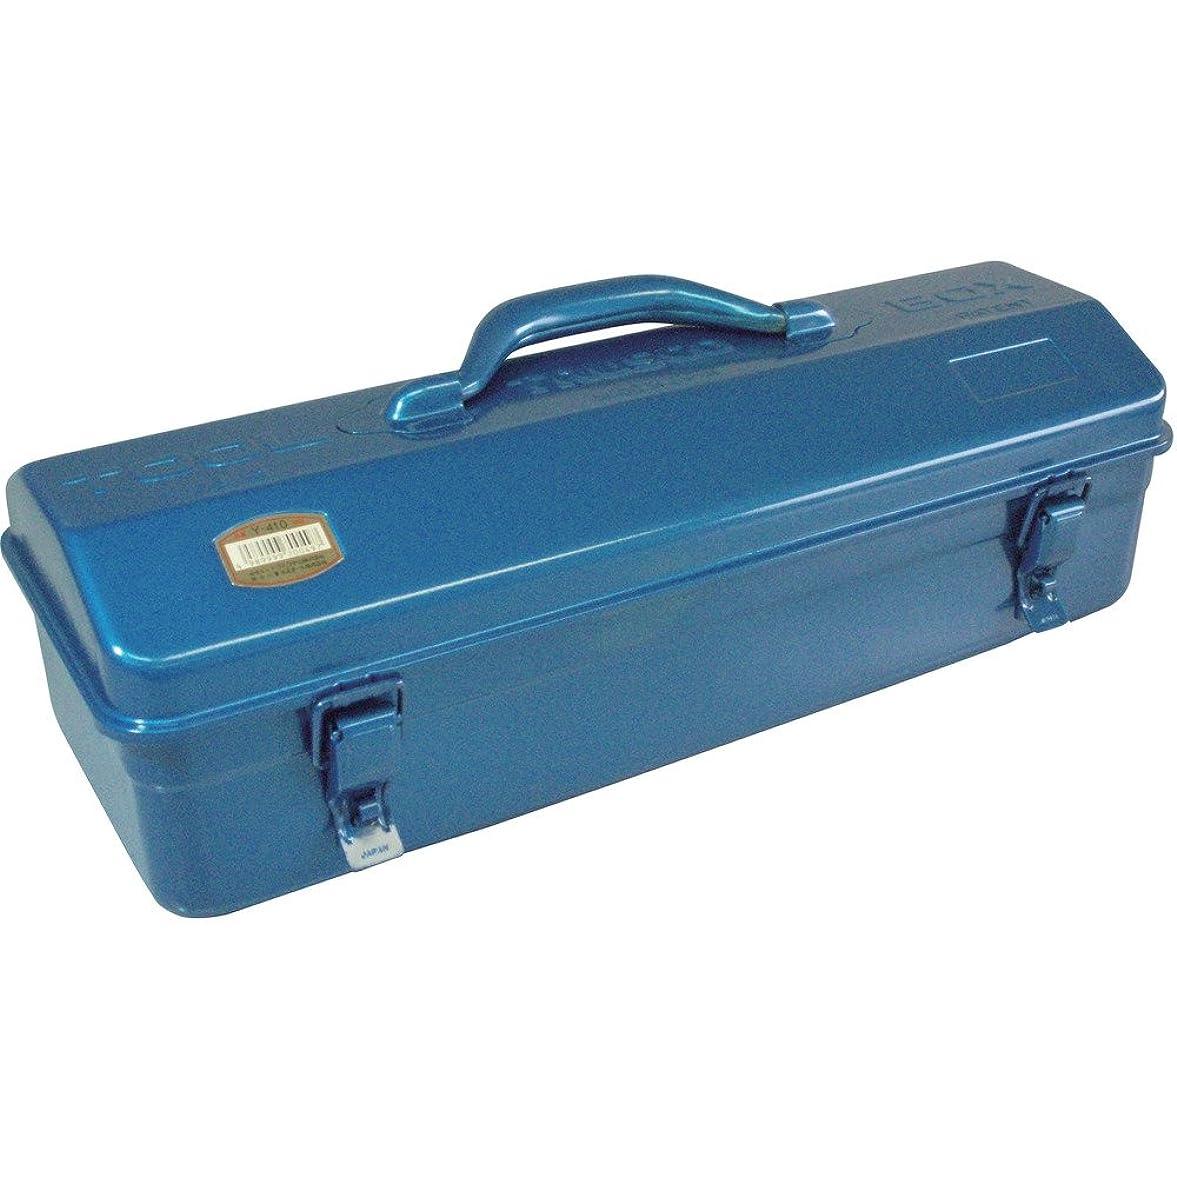 マンモスお茶残酷なTRUSCO(トラスコ) 山型工具箱 433X168X173.5 ブルー Y-410-B